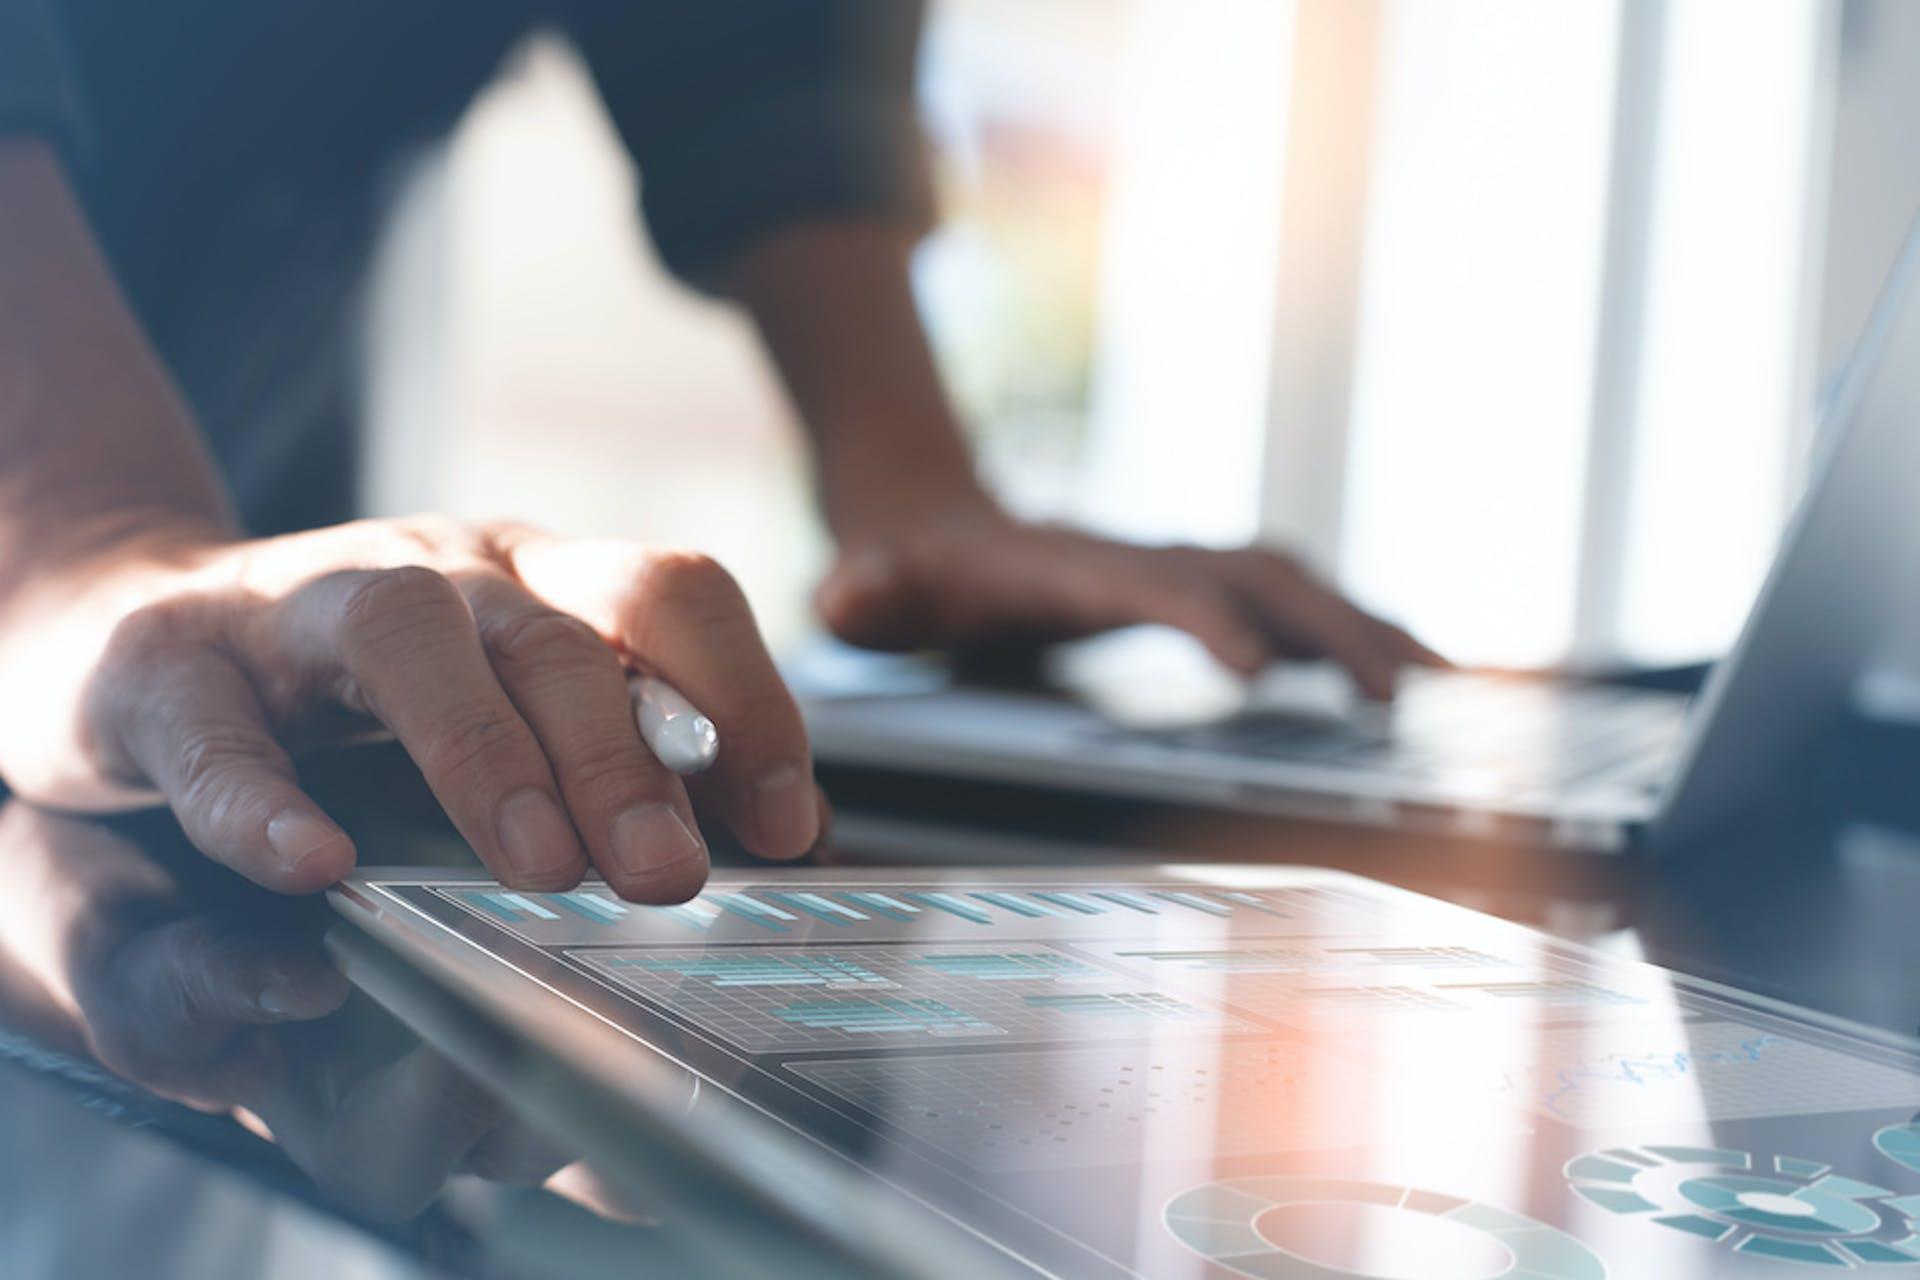 Nahaufnahme der Hände eines Mannes, der mit einem Tablet mit Social Media KPI Analysen arbeitet